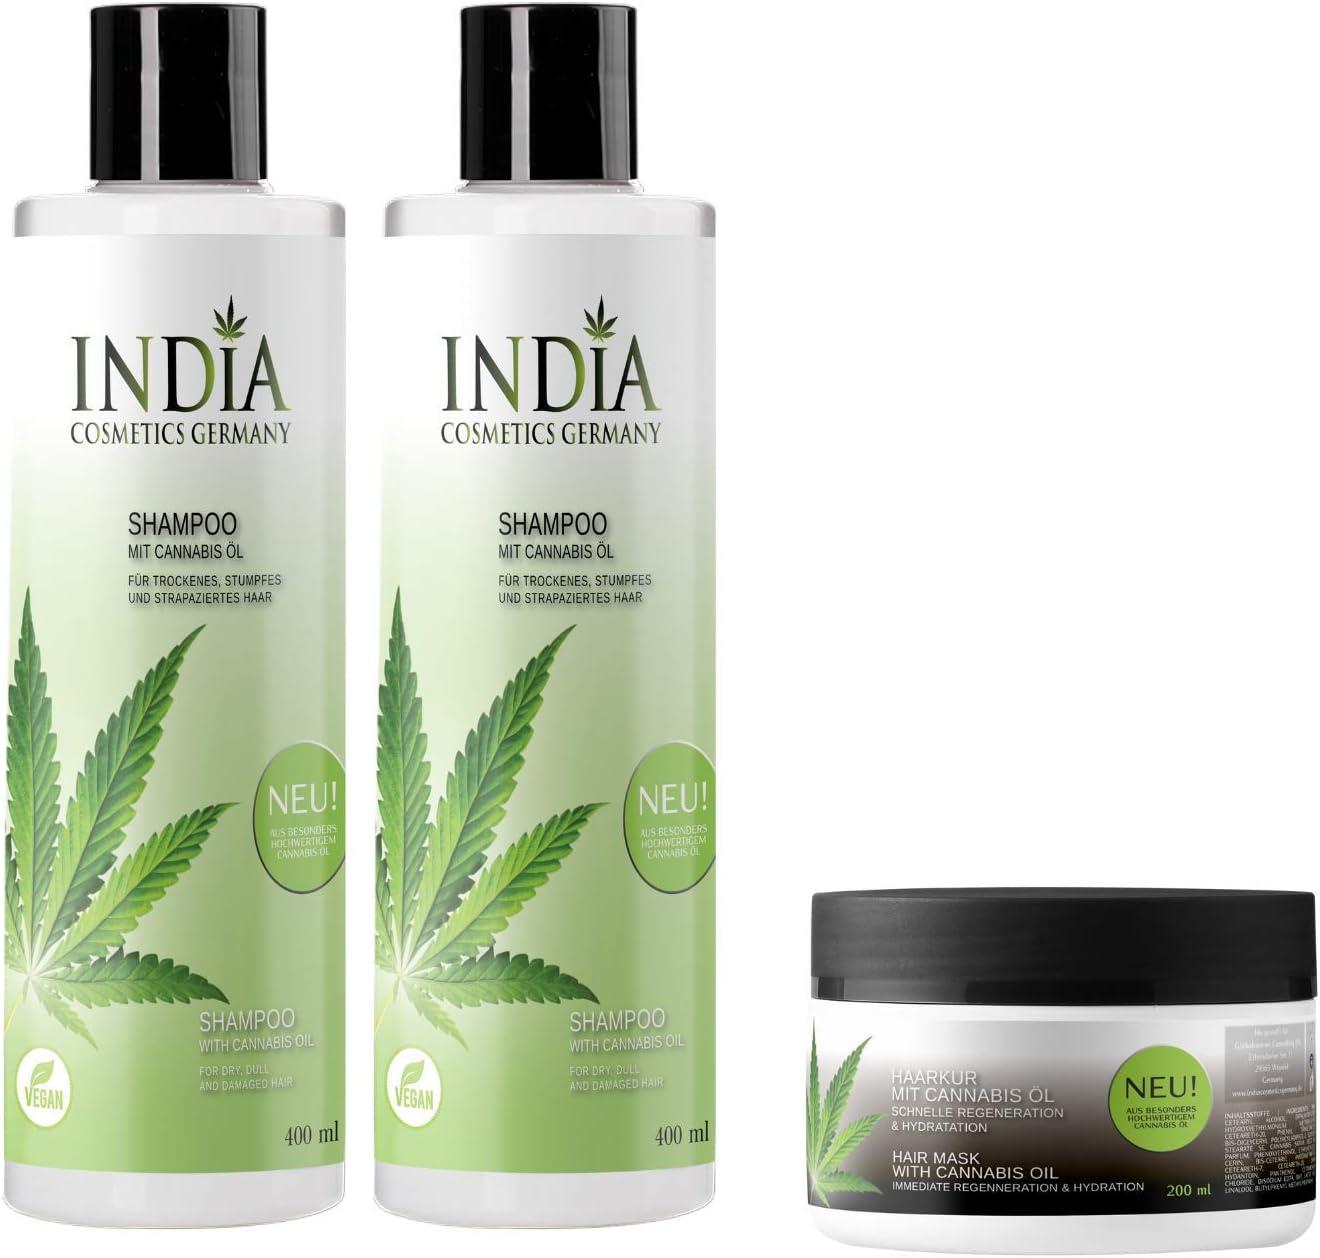 ¡Champú en paquete doble con aceite de cannabis de calidad superior con 400ml de tamaño XXL más tratamiento de cabello gratis, un juego completo de cuidado del cabello por un total de 45 euros!